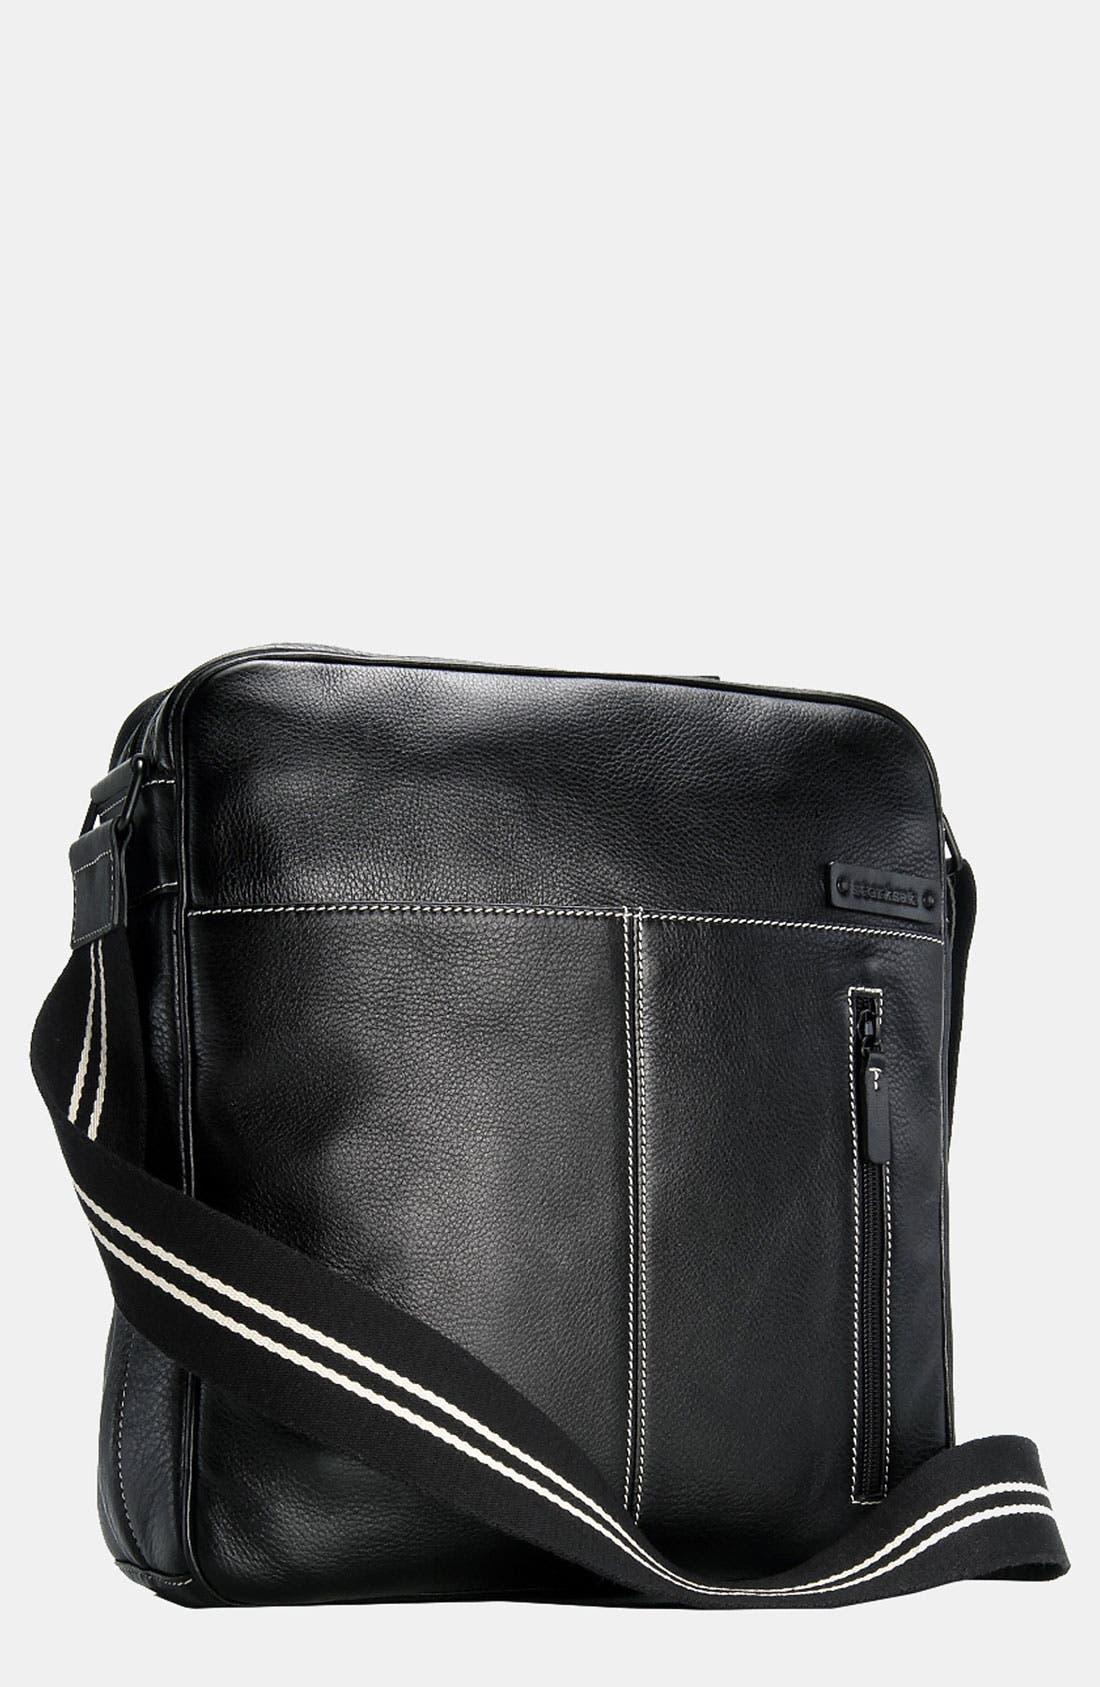 Alternate Image 1 Selected - Storksak 'Jamie' Leather Diaper Bag